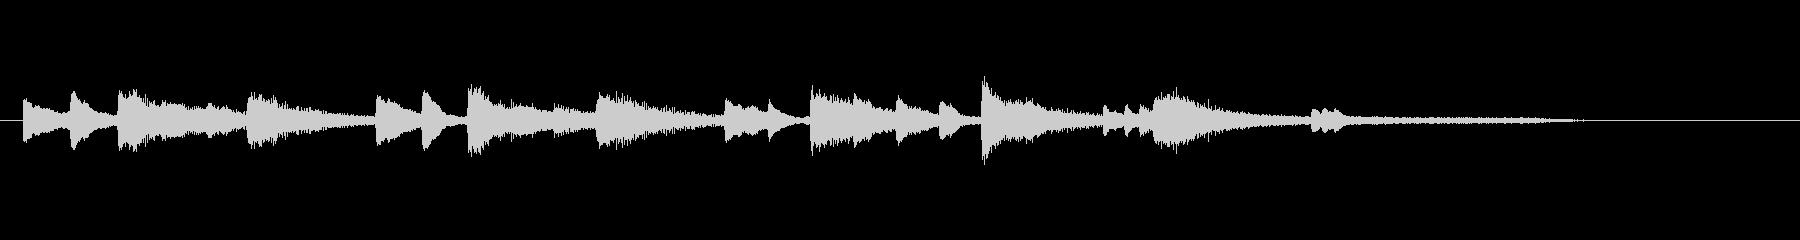 ゲームオーバーのジングル(ピアノ)の未再生の波形